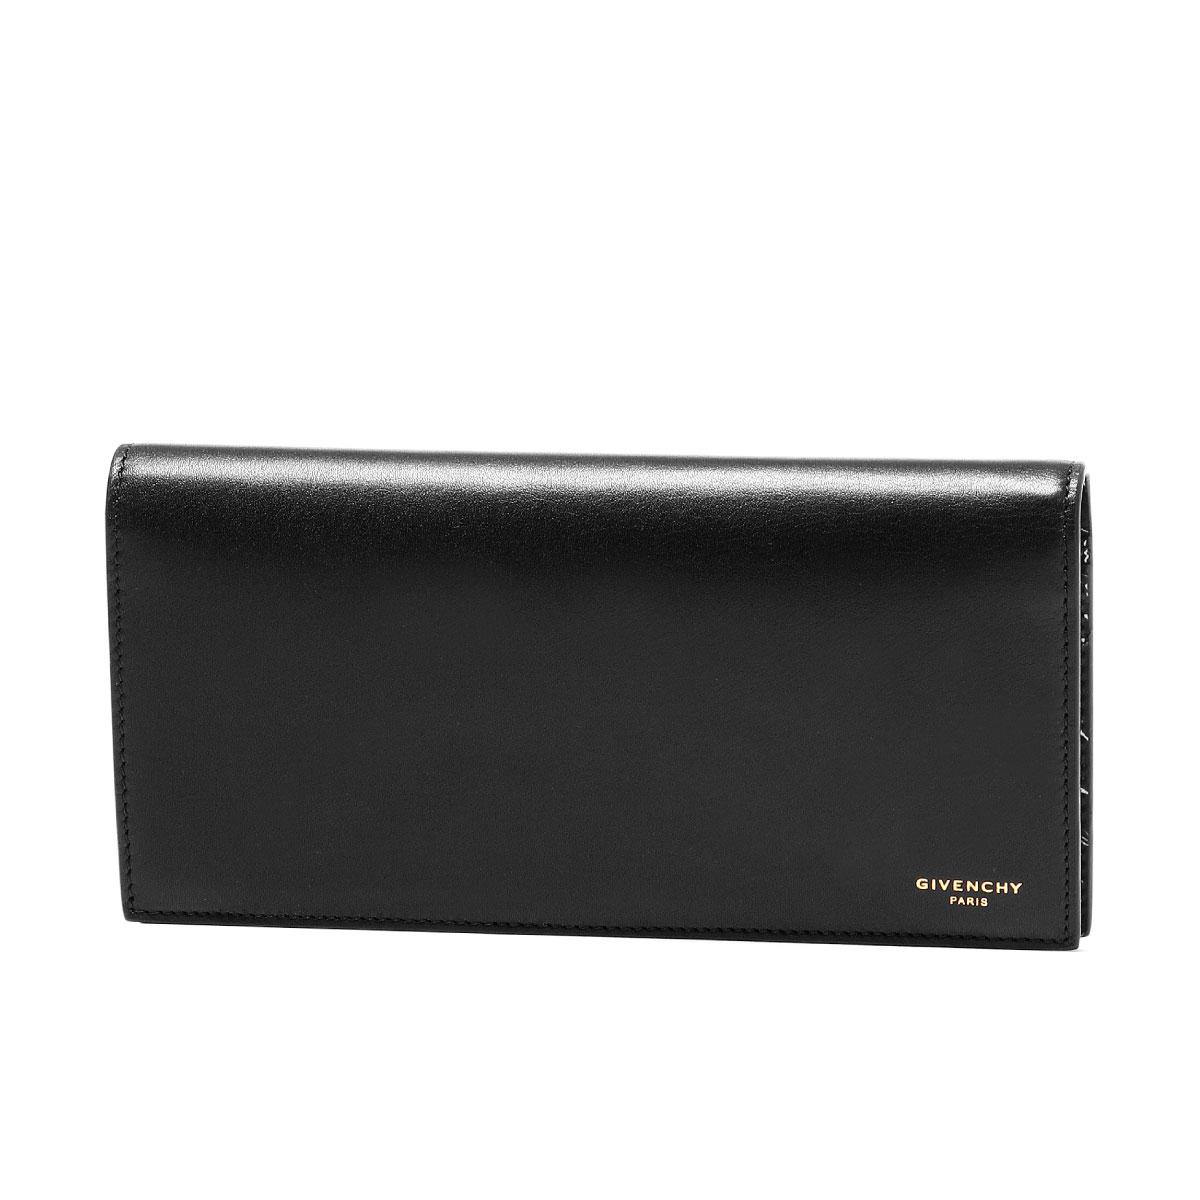 ジバンシー GIVENCHY 財布 メンズ BK6013K0AA 004 二つ折り長財布 BLACK/WHITE ブラック